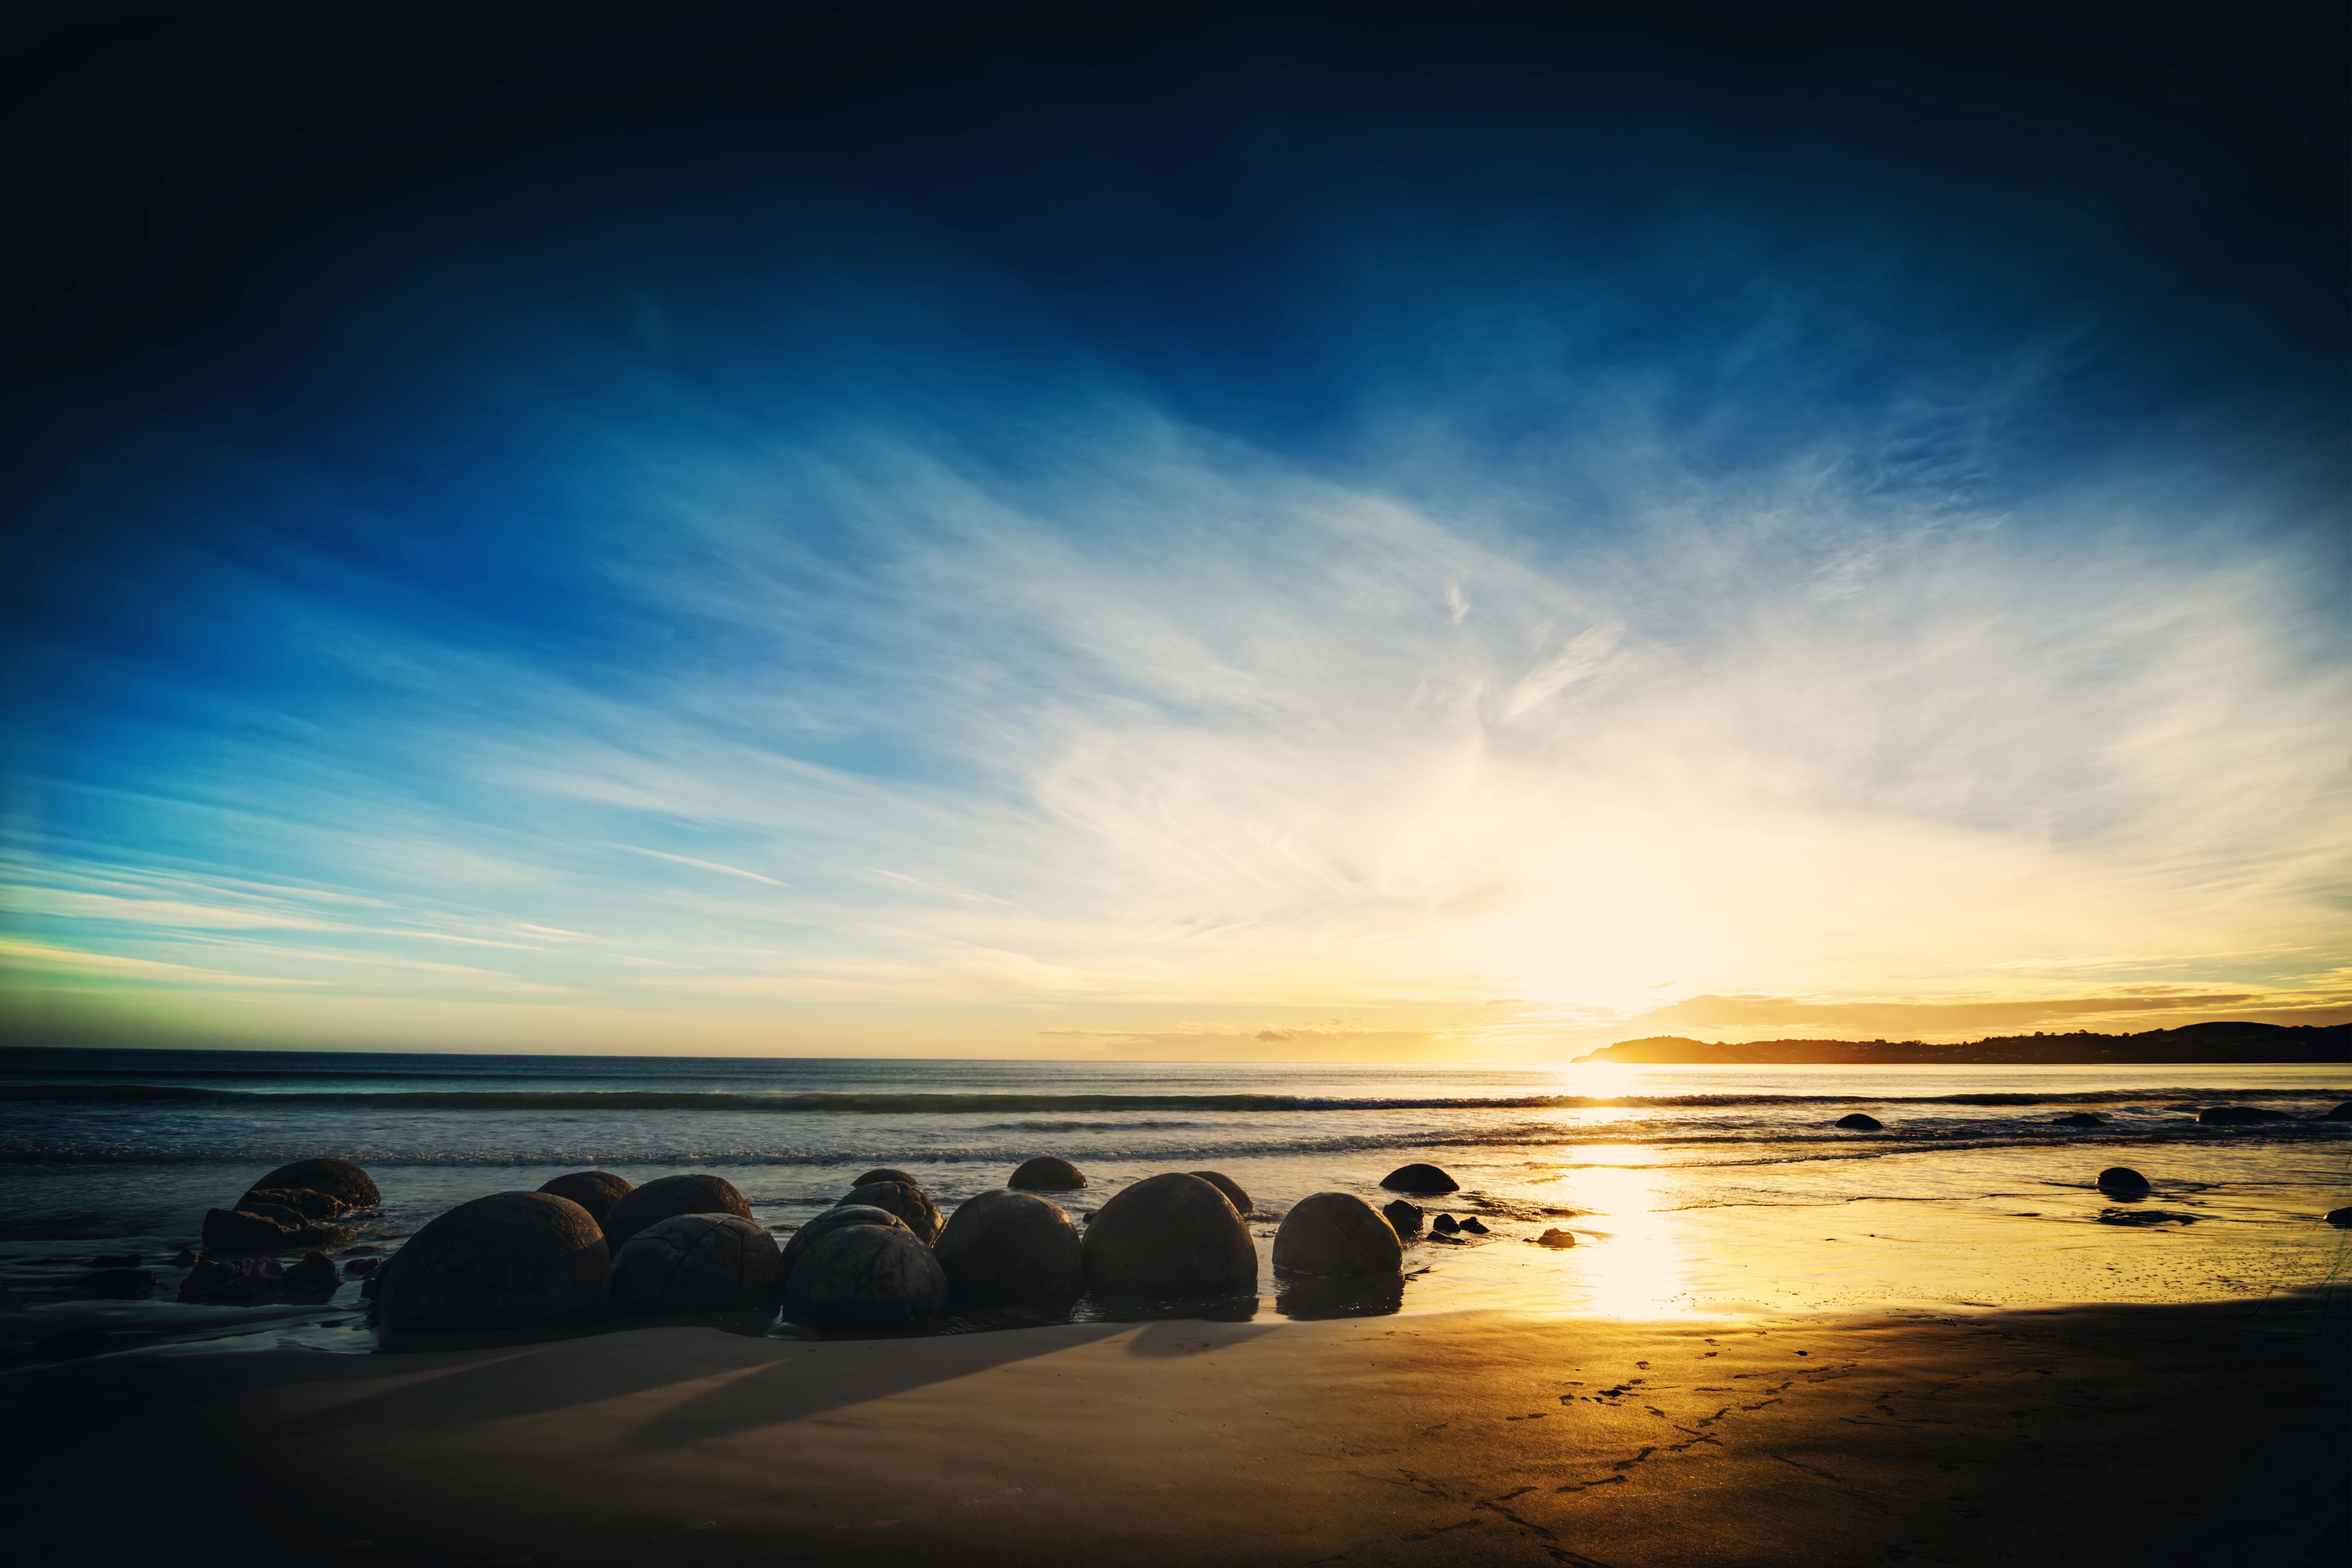 горизонт камни море вода океан природа  № 2556179 без смс